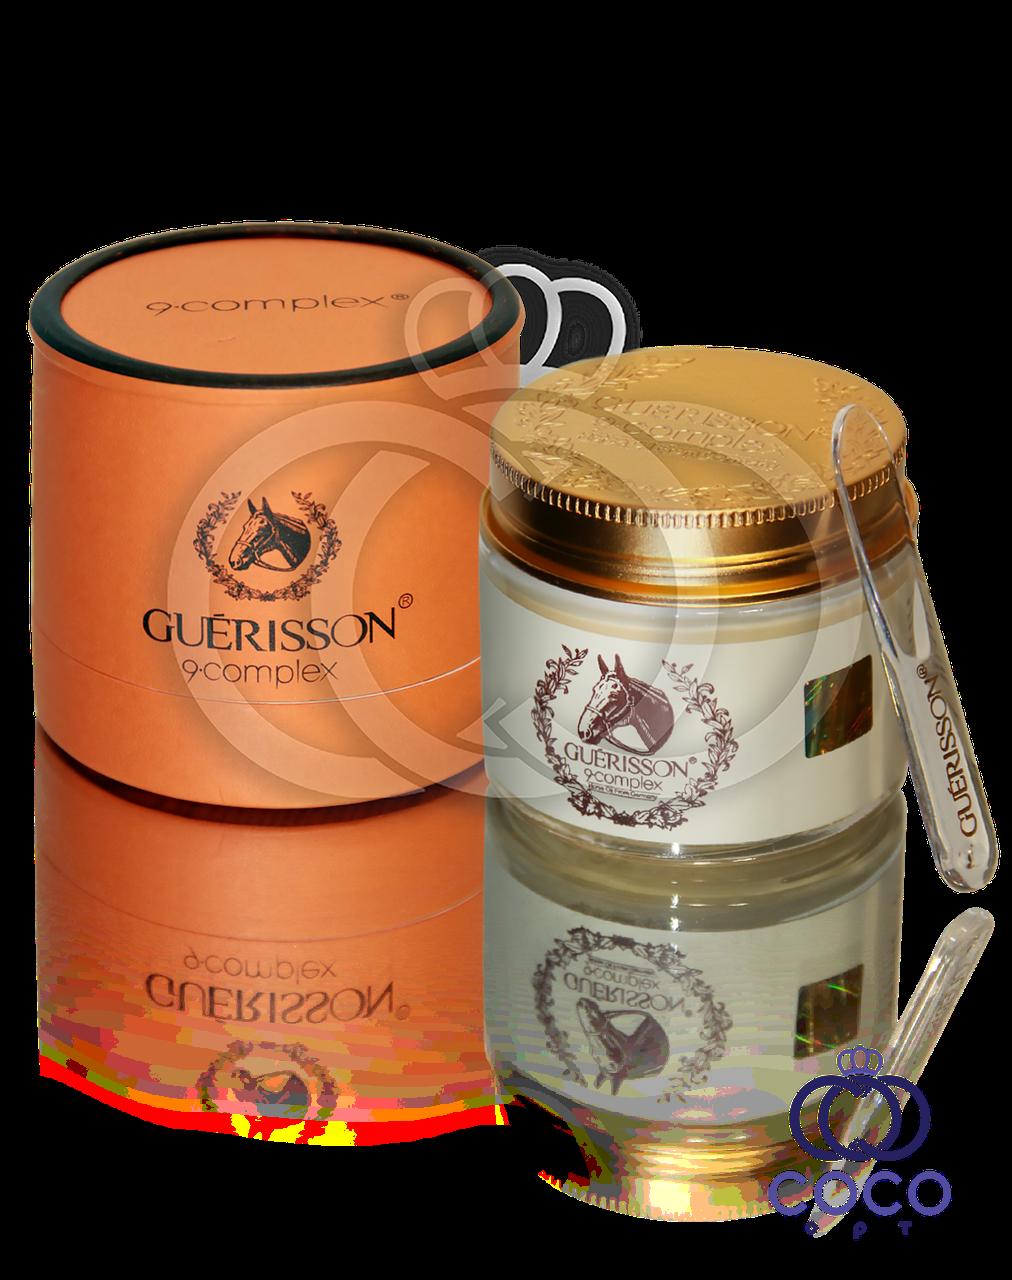 Крем для лица корейский восстанавливающий с лошадиным маслом Guerisson 9-Complex 70 мл